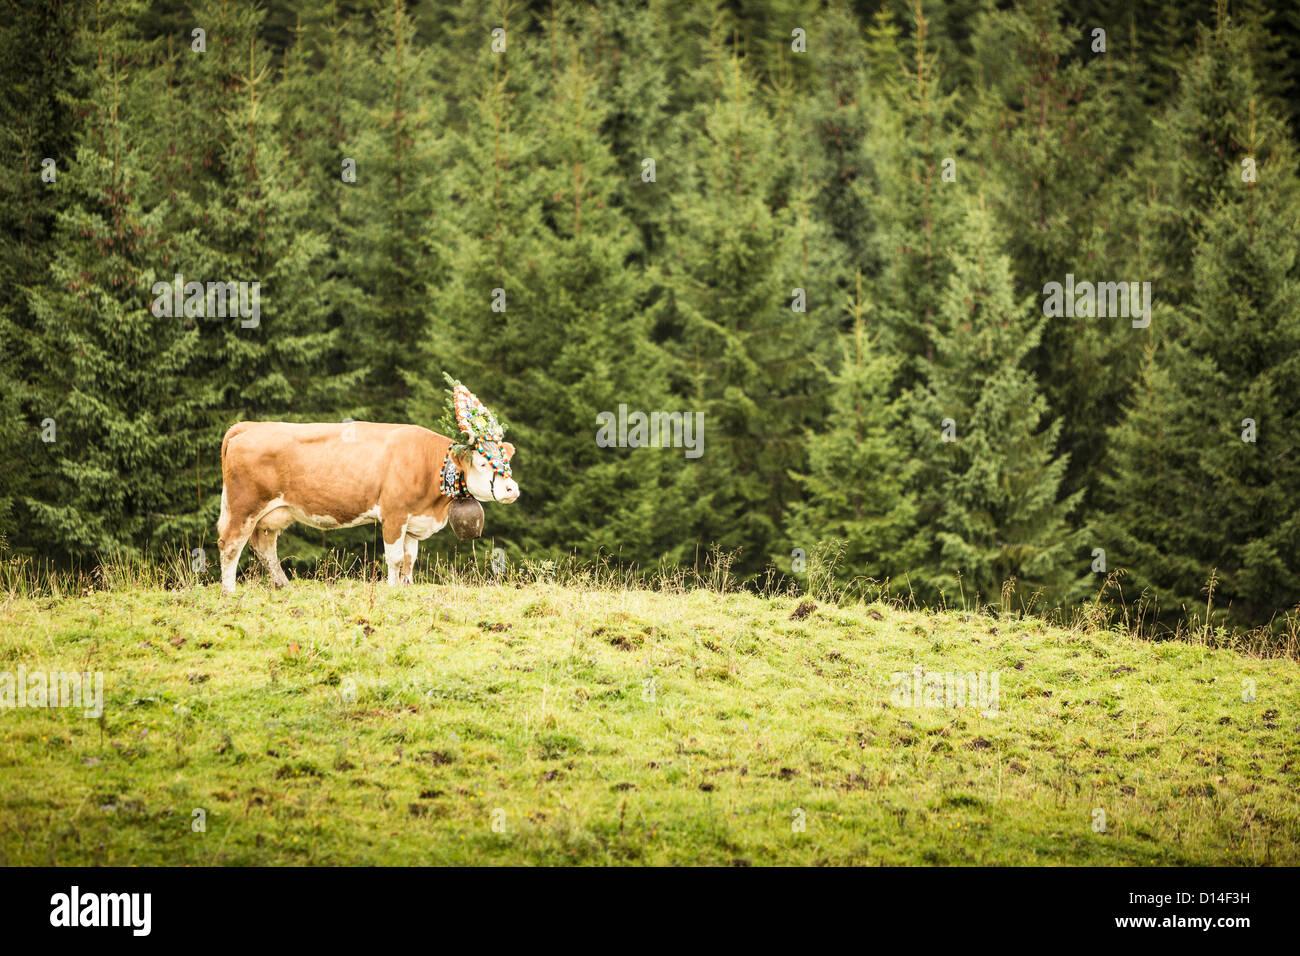 Cow wearing headdress in grassy field Stock Photo